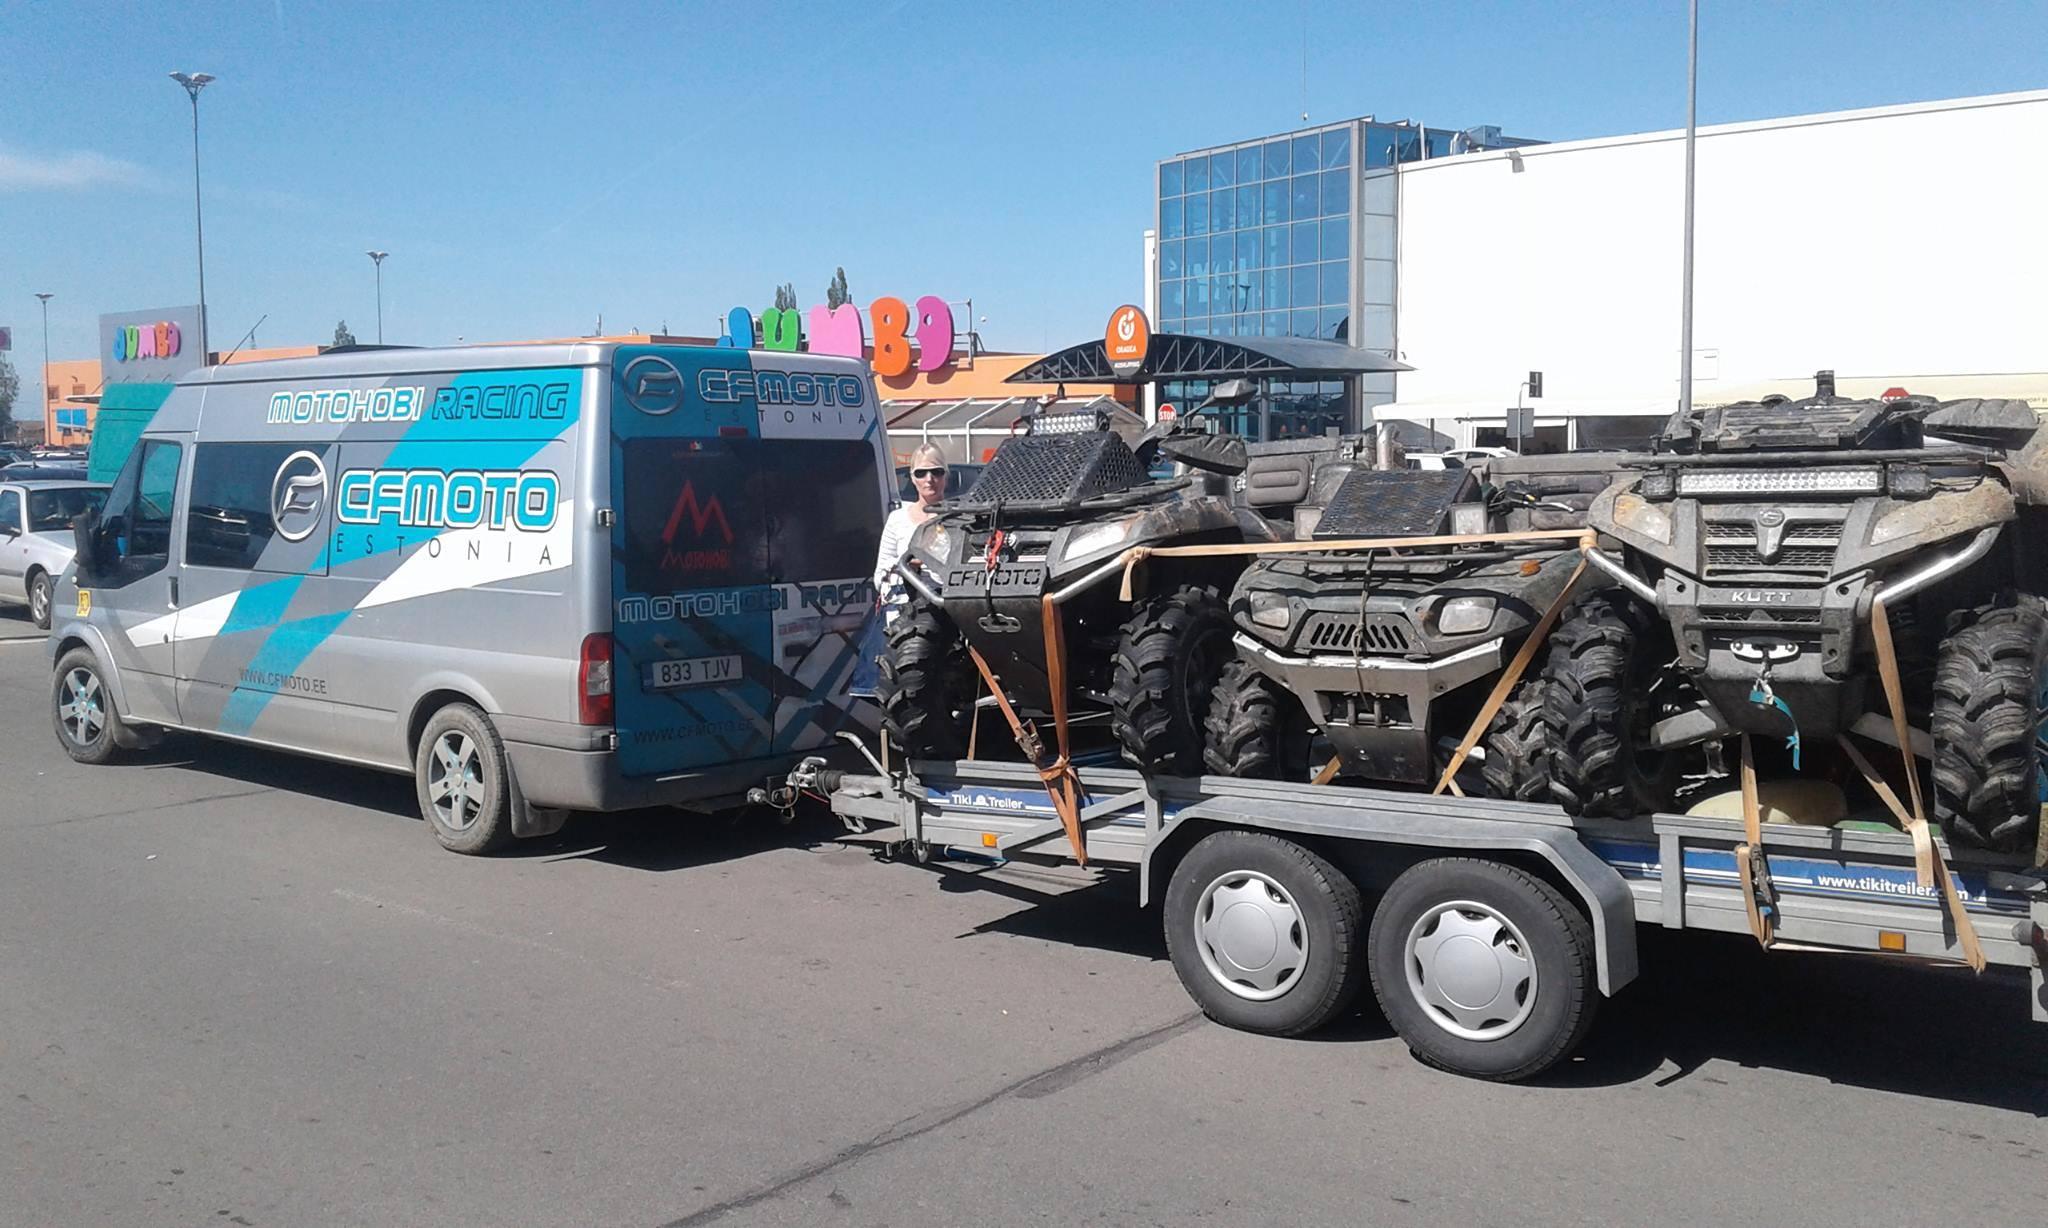 Treiler varastatud ATVdega (erakogu)